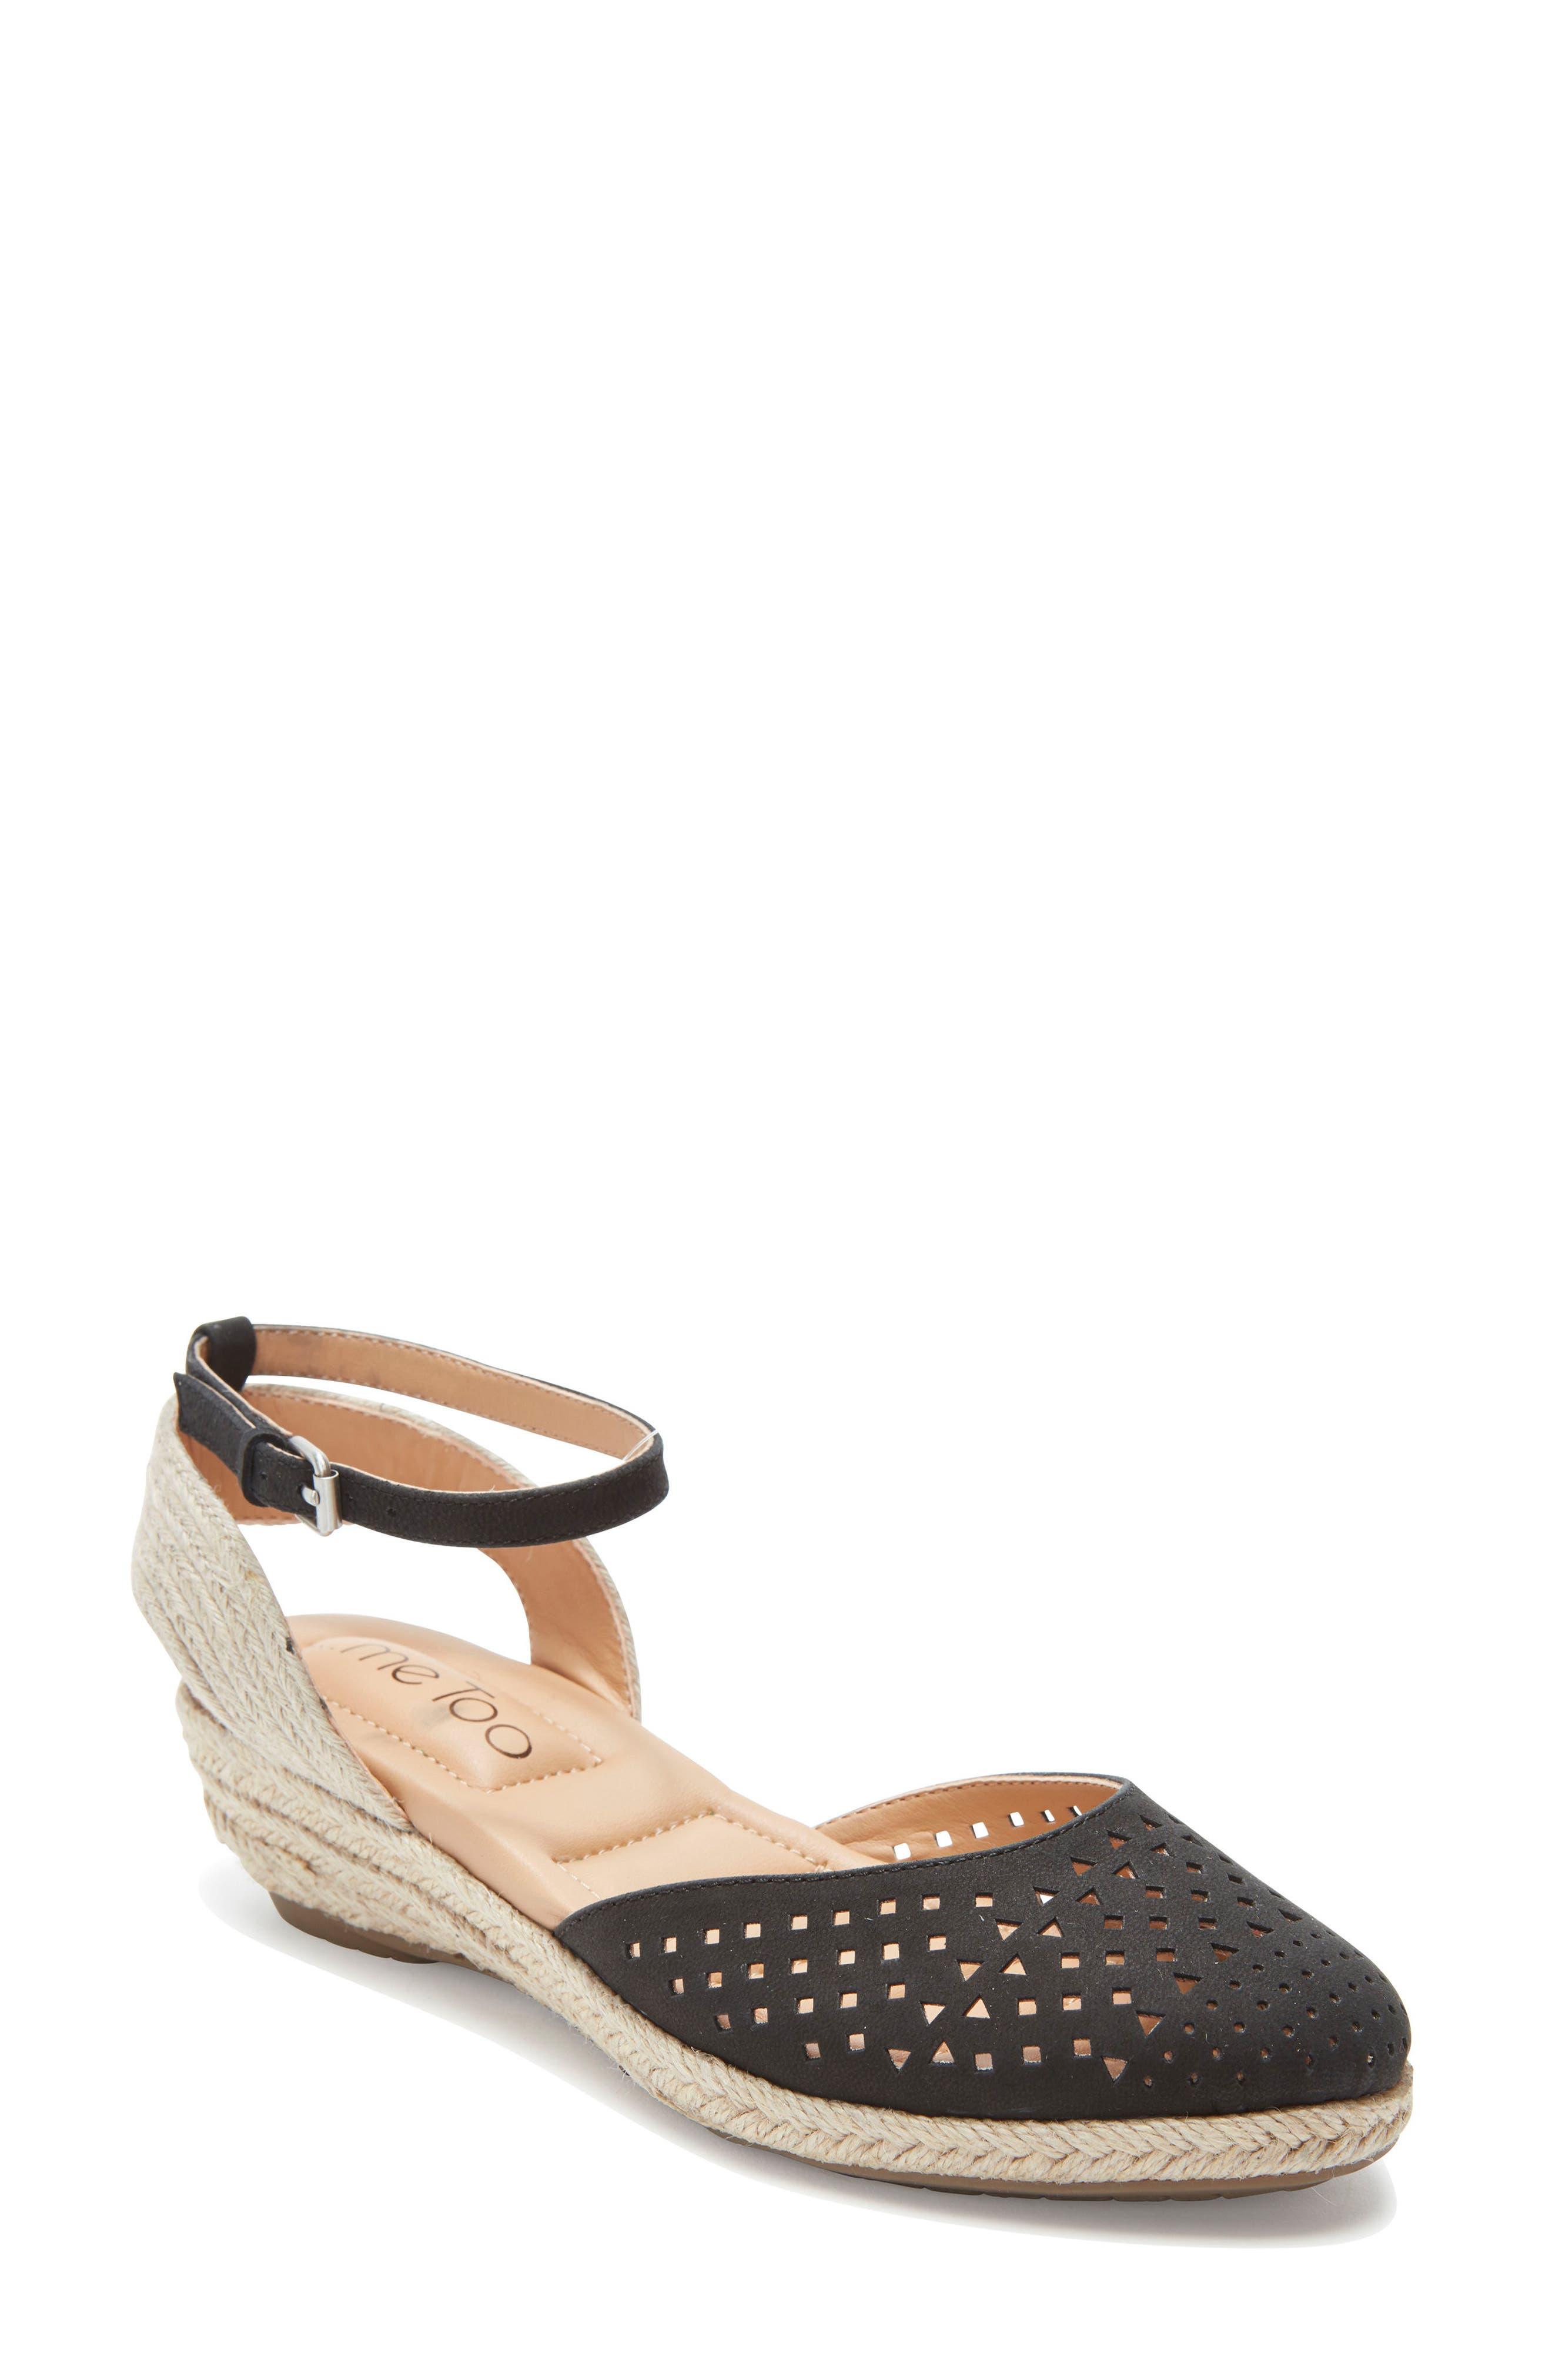 Norina Espadrille Sandal, Main, color, BLACK NUBUCK